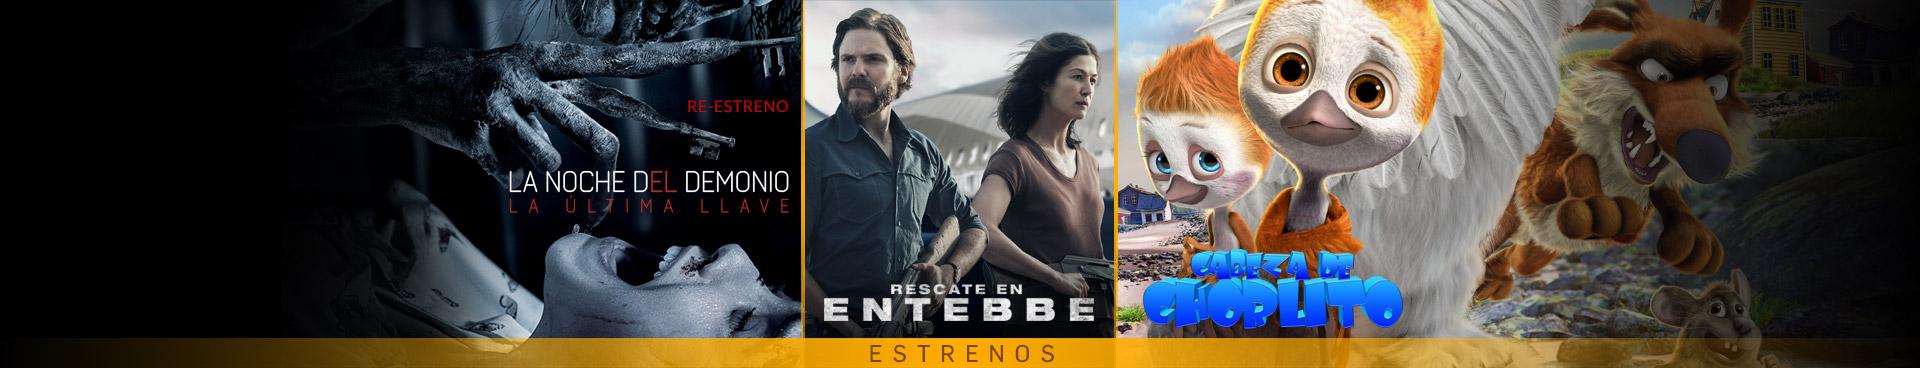 Estrenos (La noche del demonio (Re-estreno) / Cabeza de Chorlito / Rescate de Entebbe)